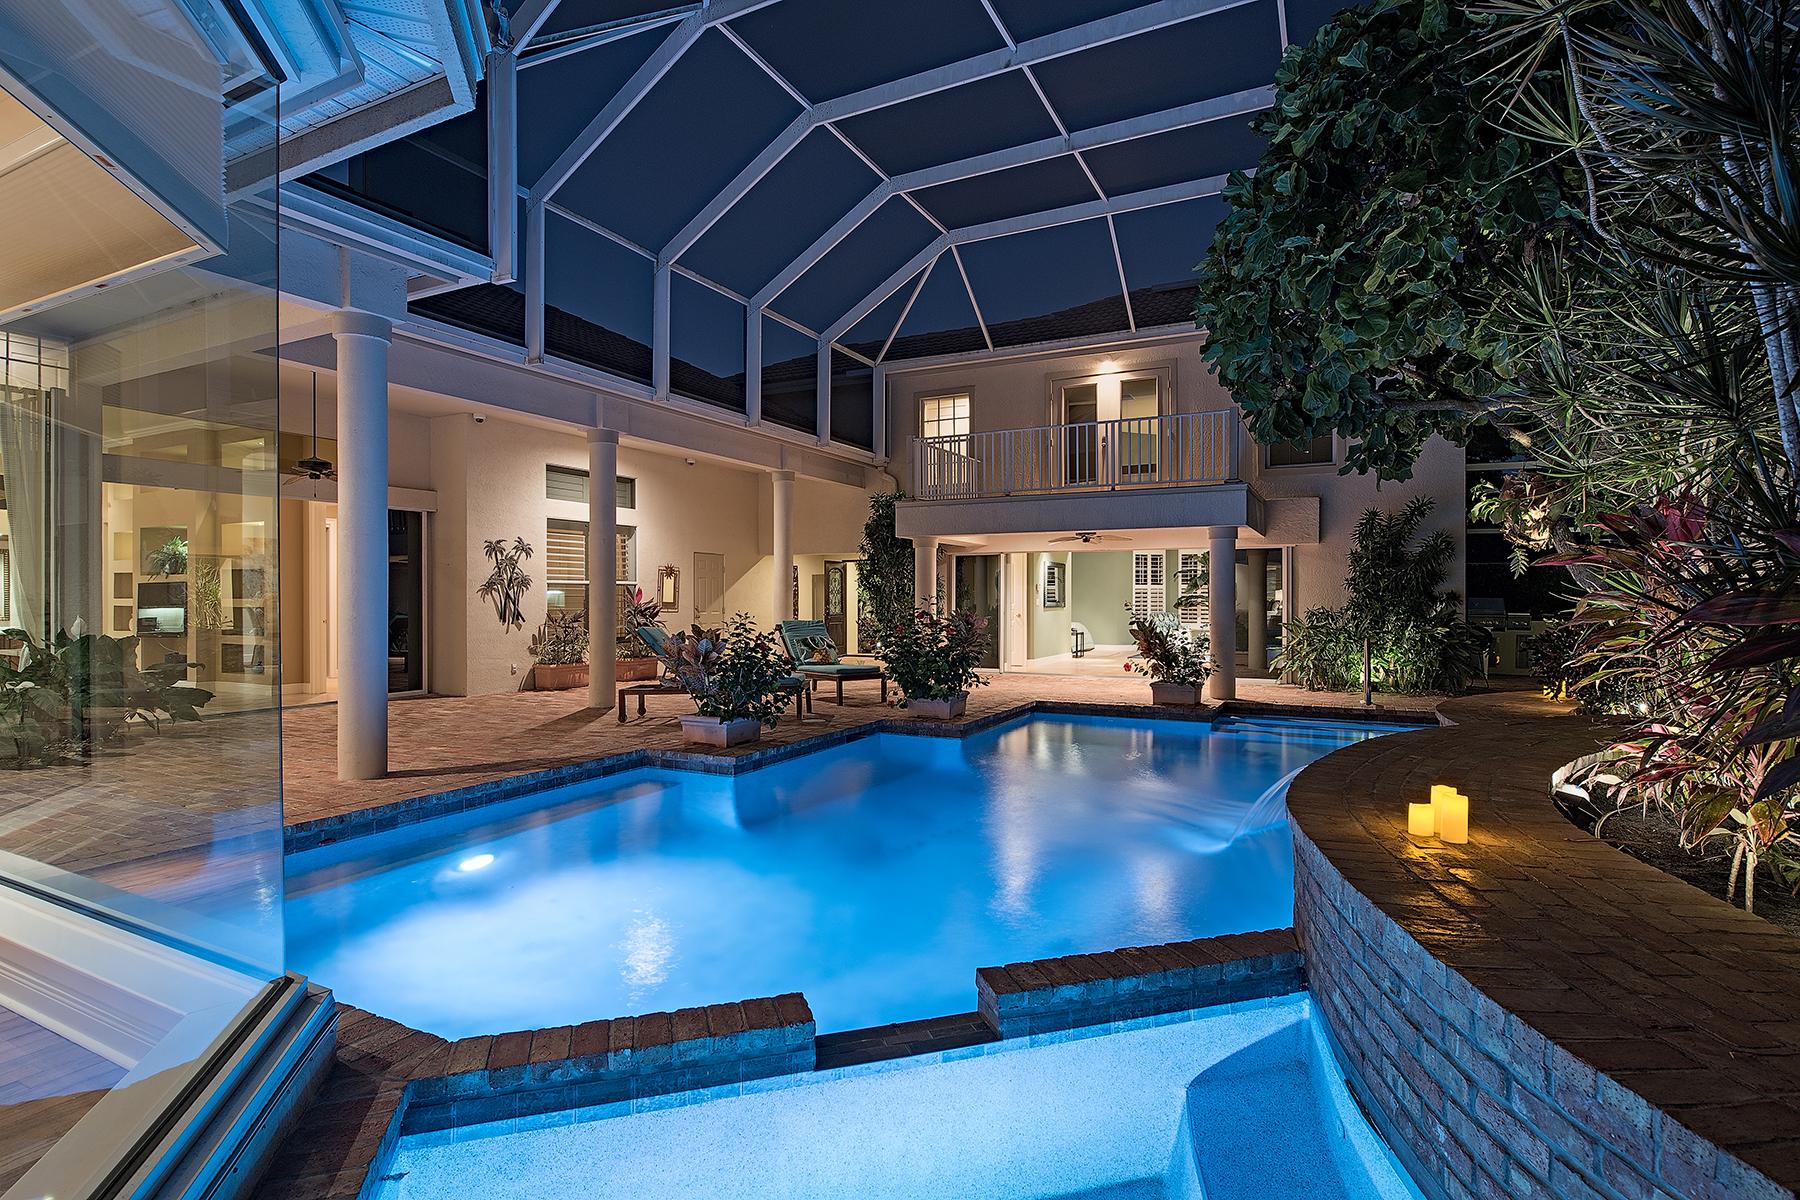 단독 가정 주택 용 매매 에 ANCHORAGE AT BONITA BAY 27508 Riverbank Dr Bonita Springs, 플로리다, 34134 미국